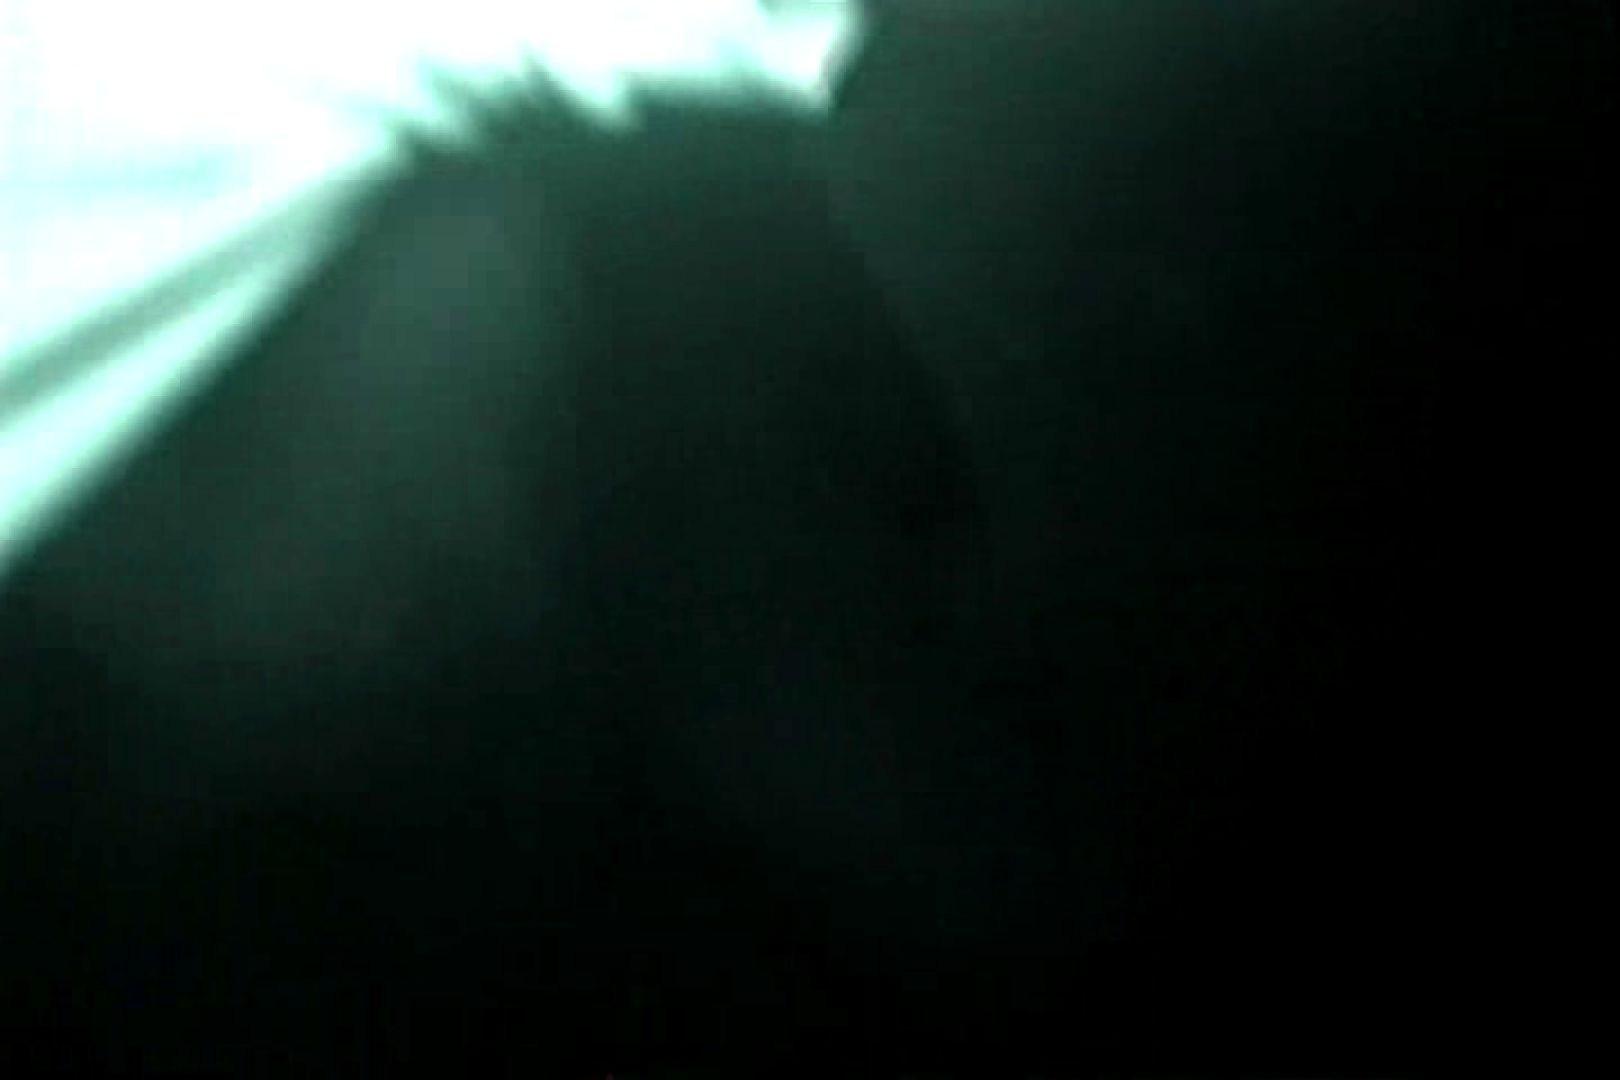 充血監督の深夜の運動会Vol.129 カーセックス オマンコ動画キャプチャ 97PIX 97